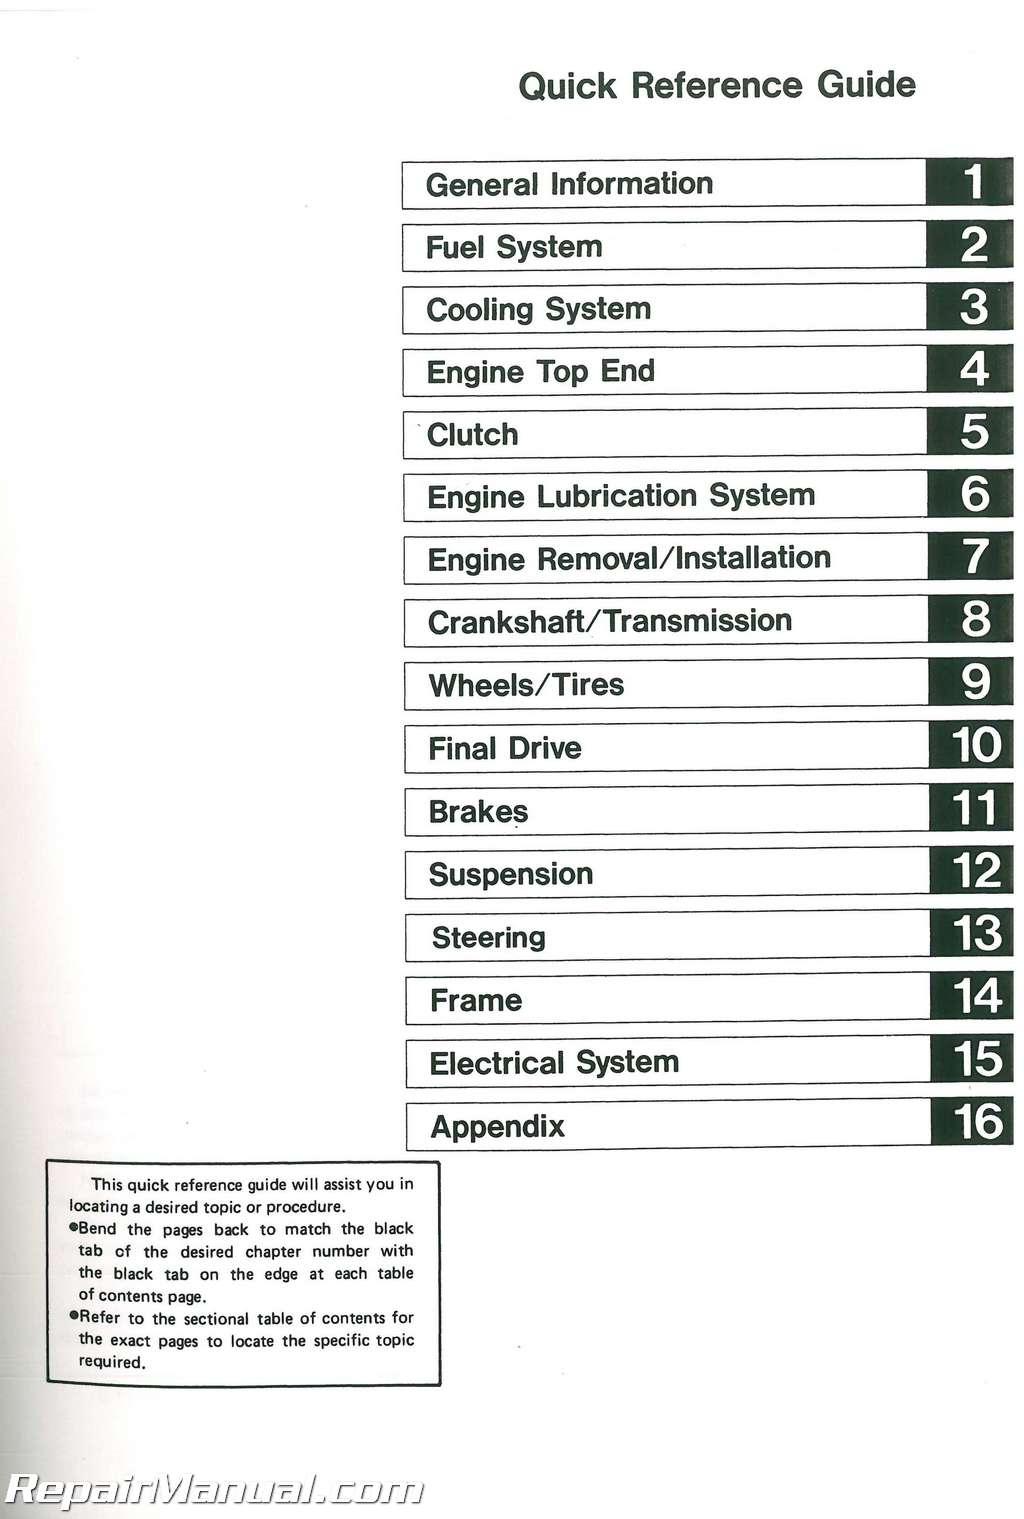 1989-1990 Kawasaki ZX750H Service Manual